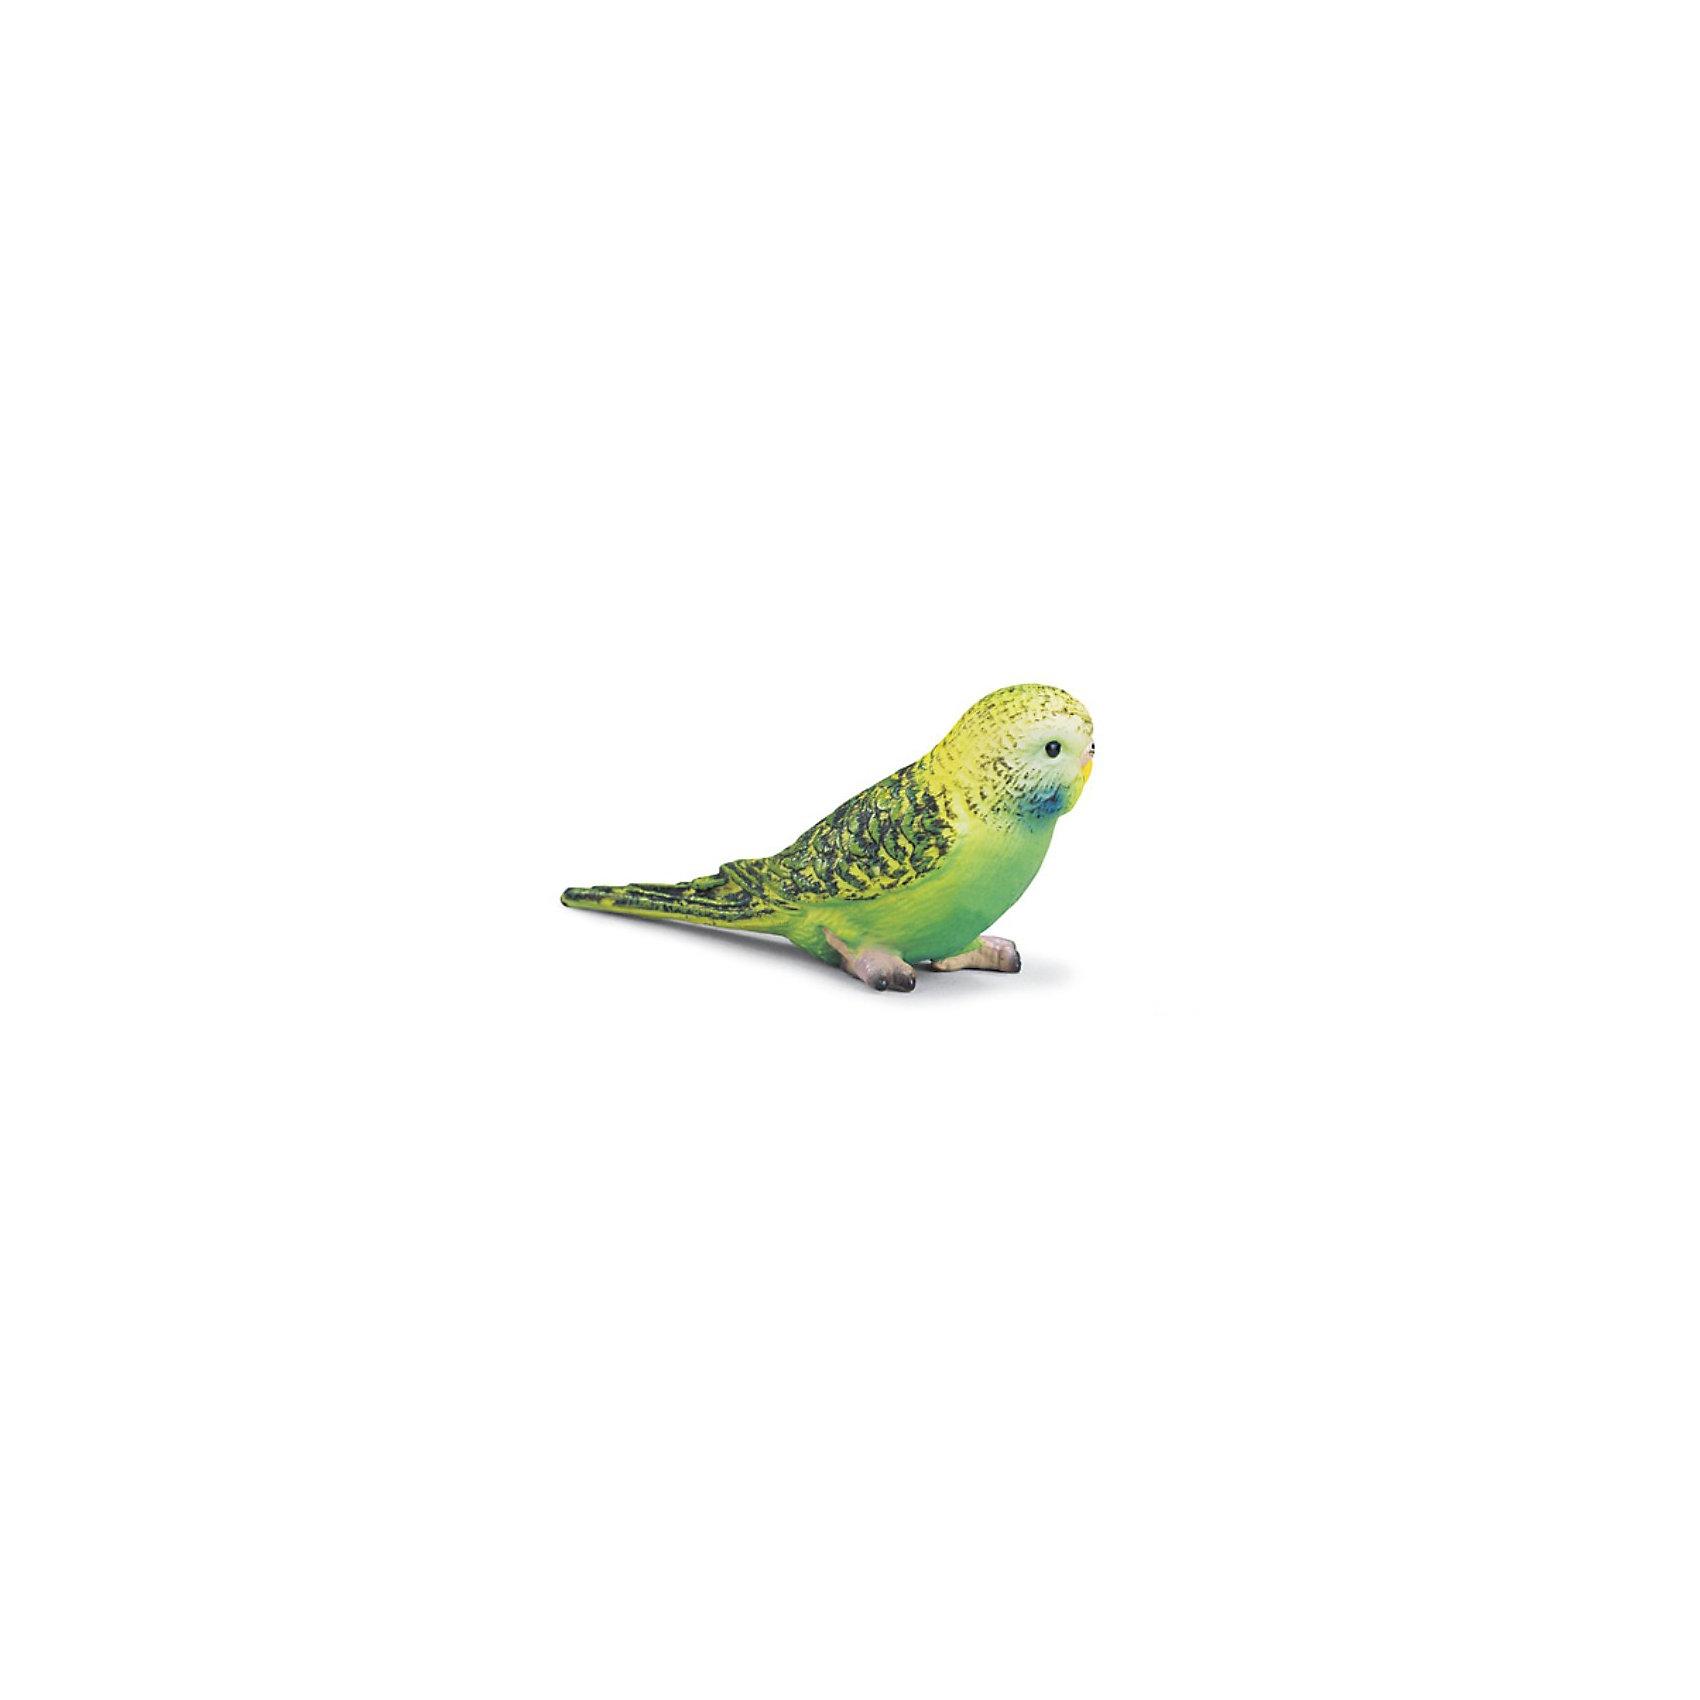 Schleich Schleich Волнистый попугайчик, зеленый. Серия Домашние животные schleich